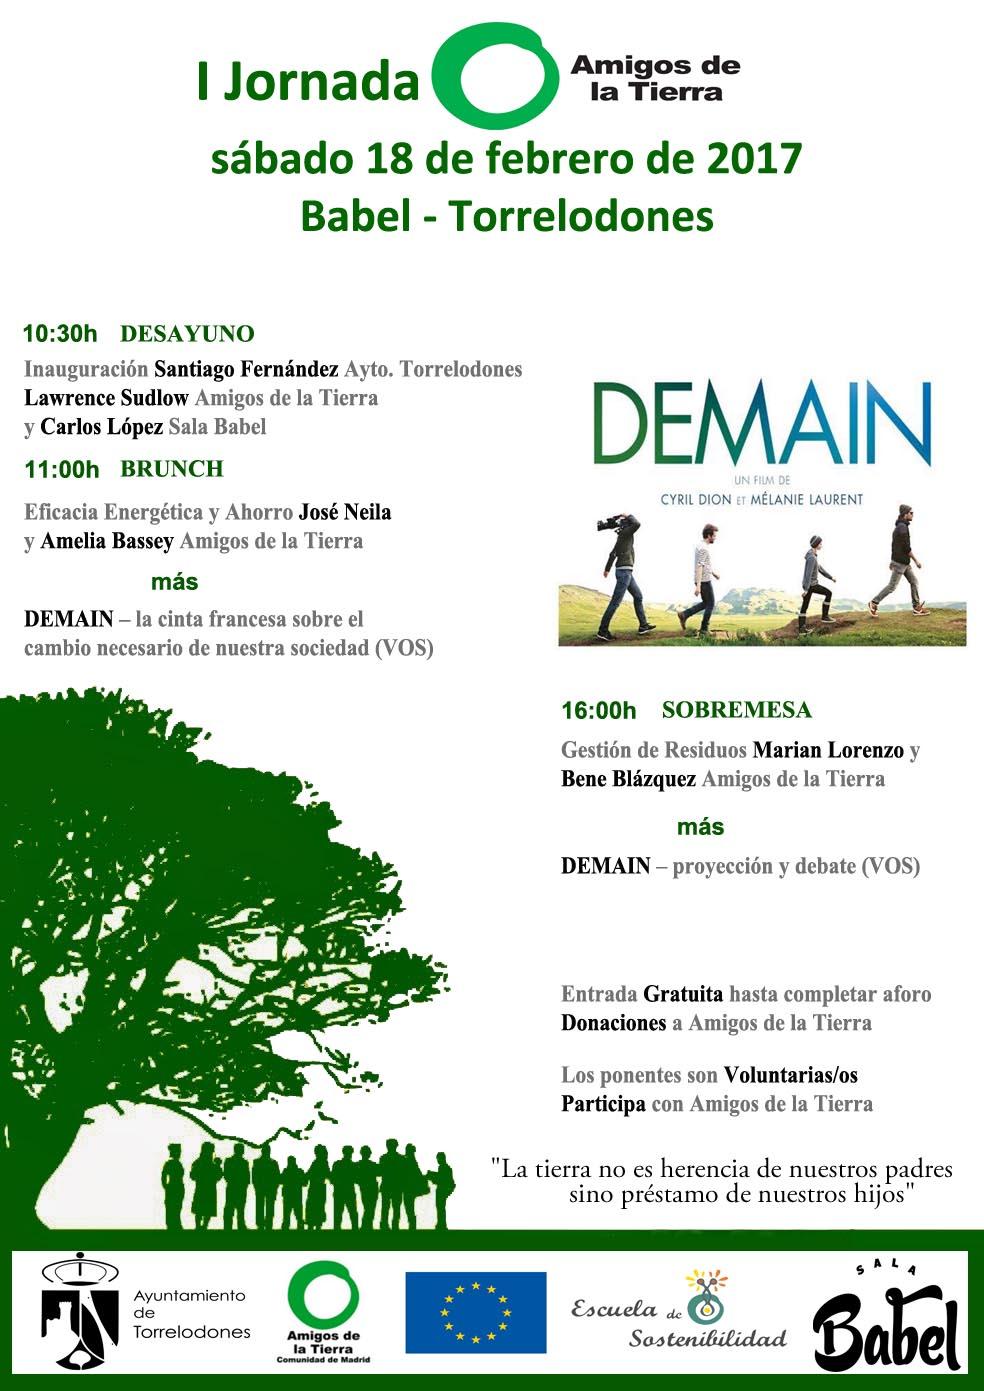 Ir a Madrid: I Jornada Amigos de la Tierra en Torrelodones